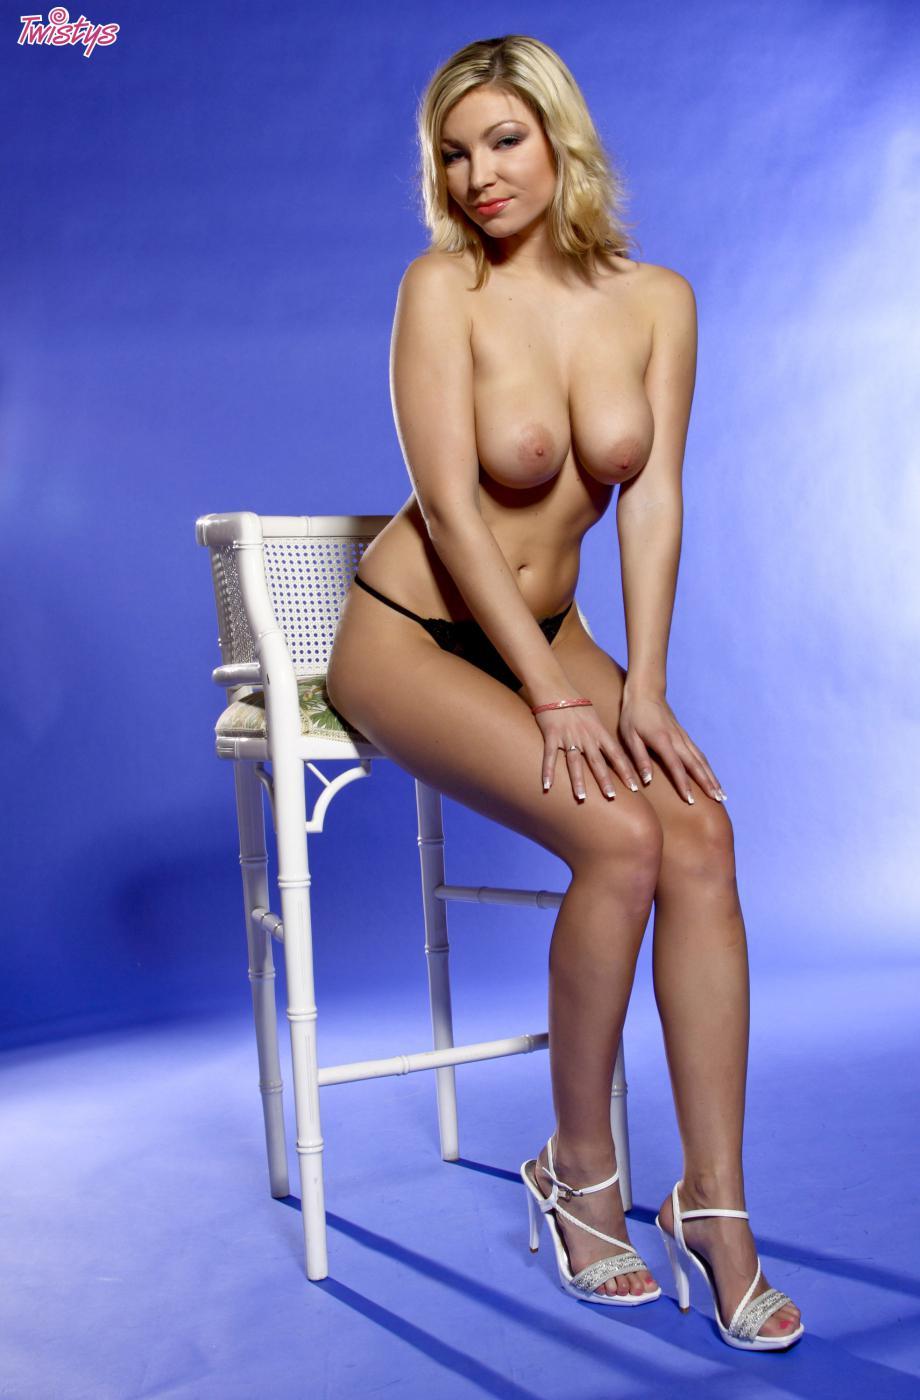 Развратная блондинка с большими сиськами Karolina King готова показать свои сексуальные трусики